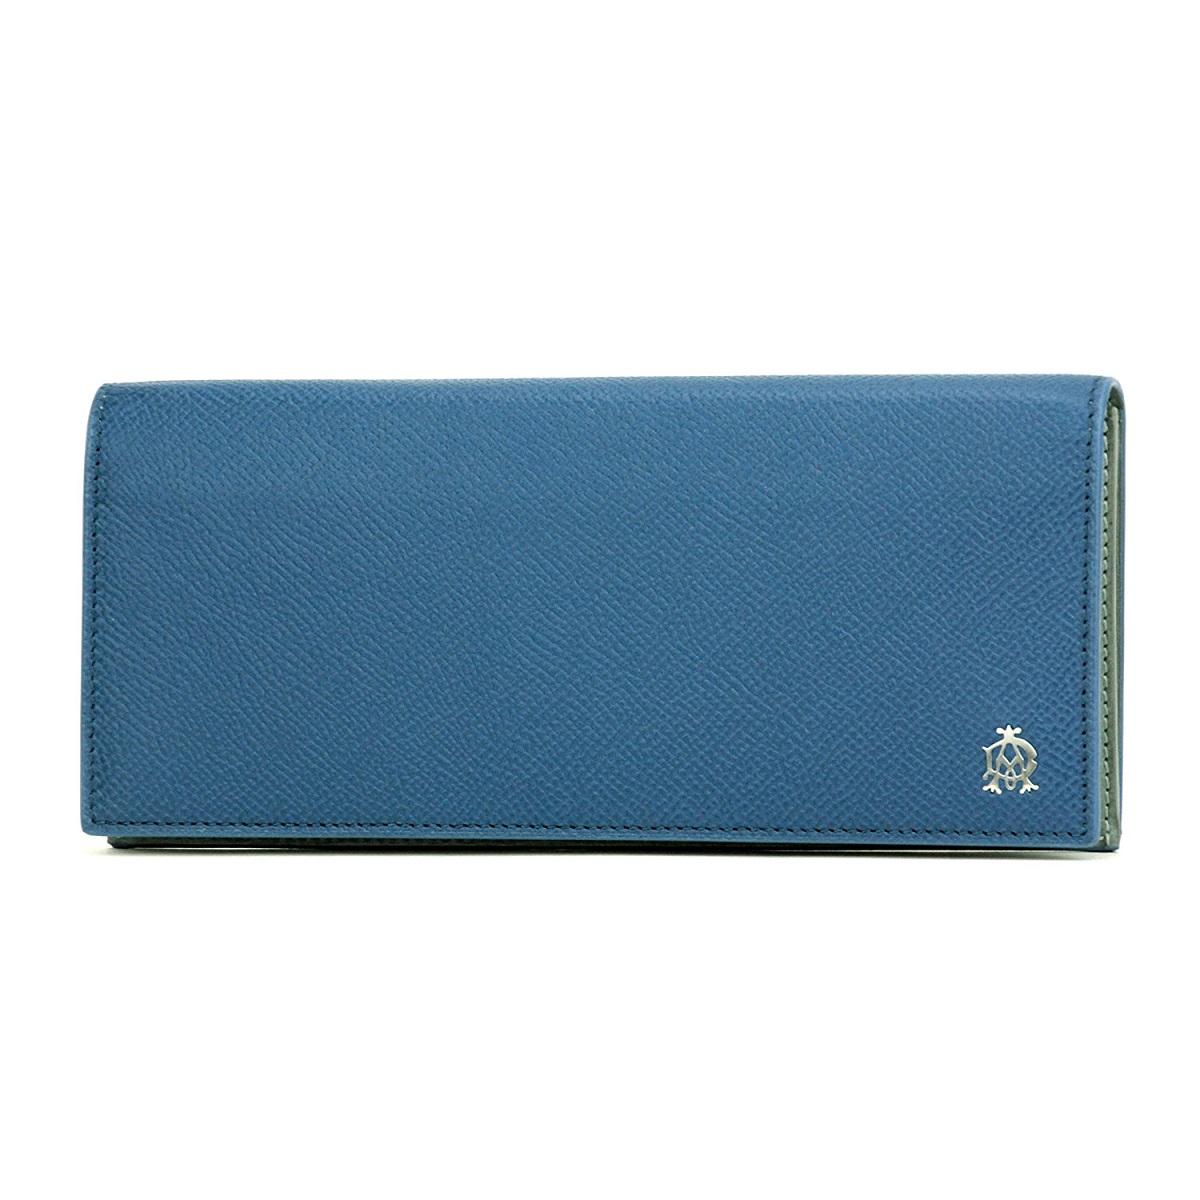 dunhill L2Y210D BOURDONダンヒル ボードン 中ファスナー長財布型押レザー ブルー×グレー